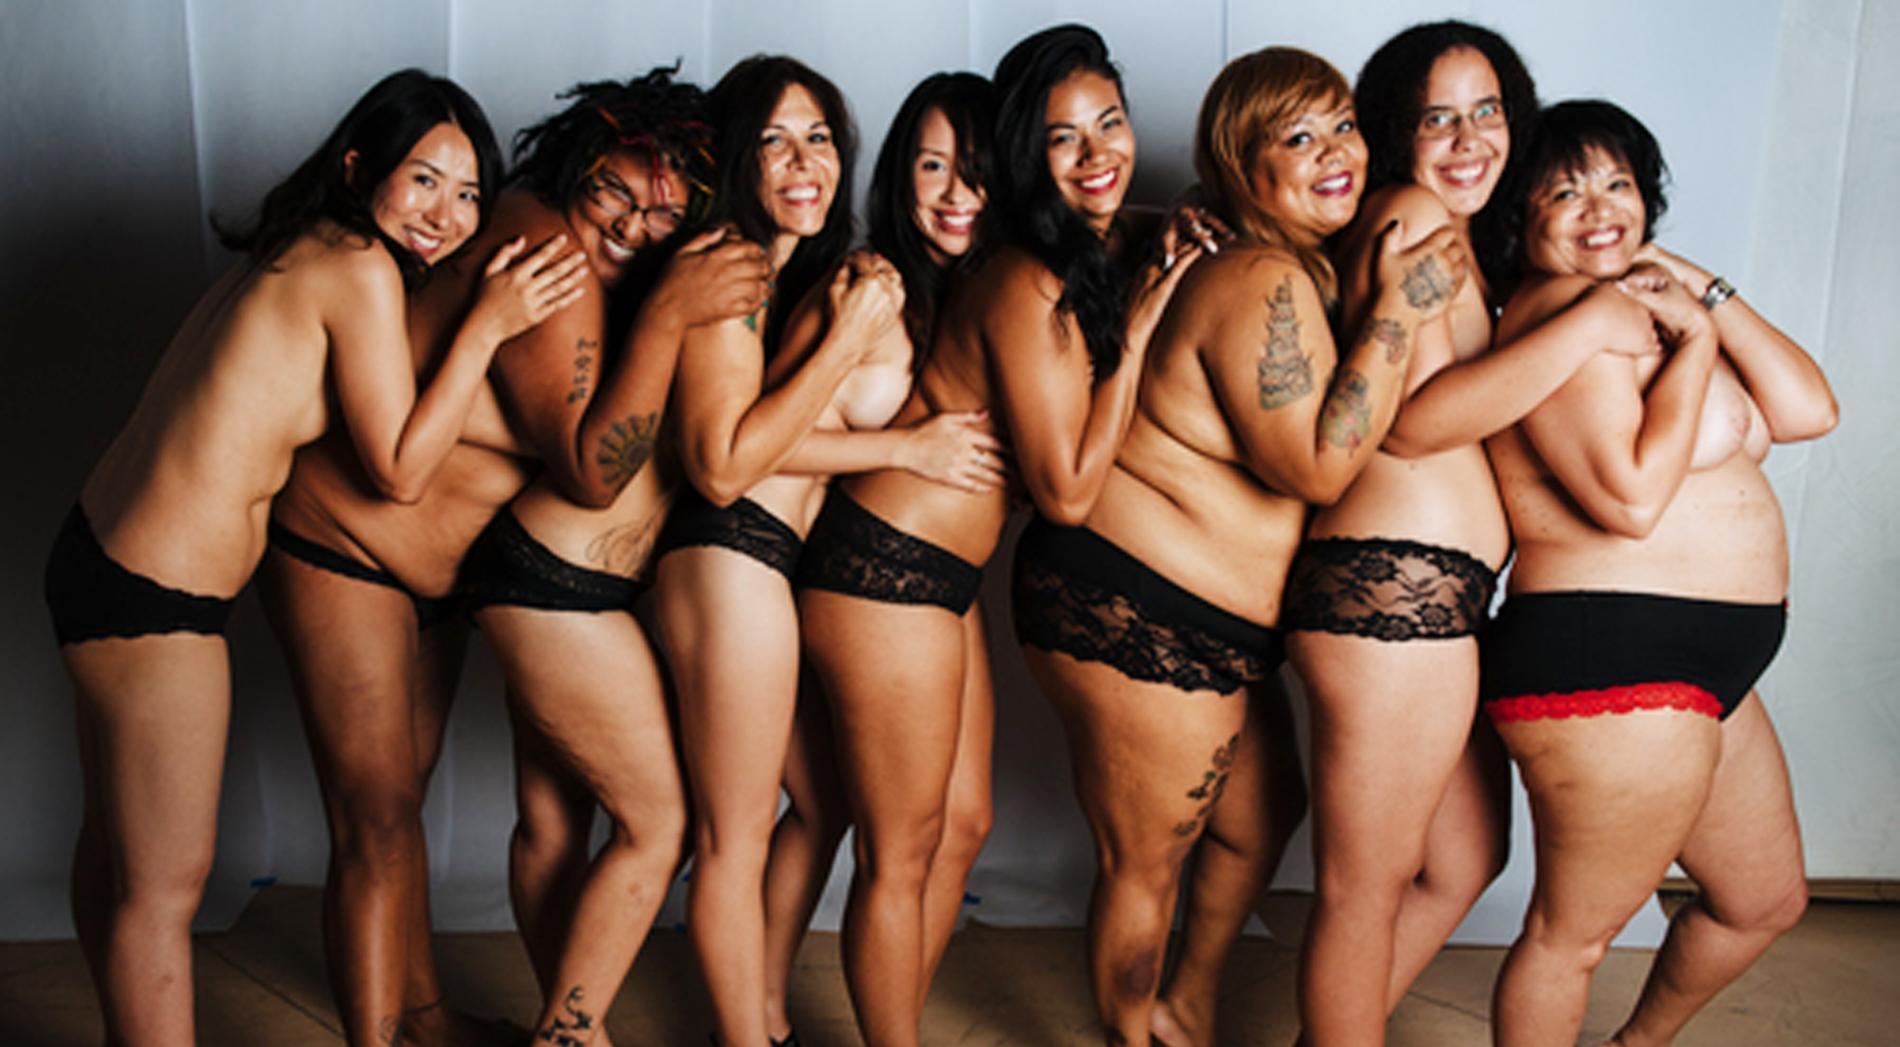 real-women-ravishing-men-with-large